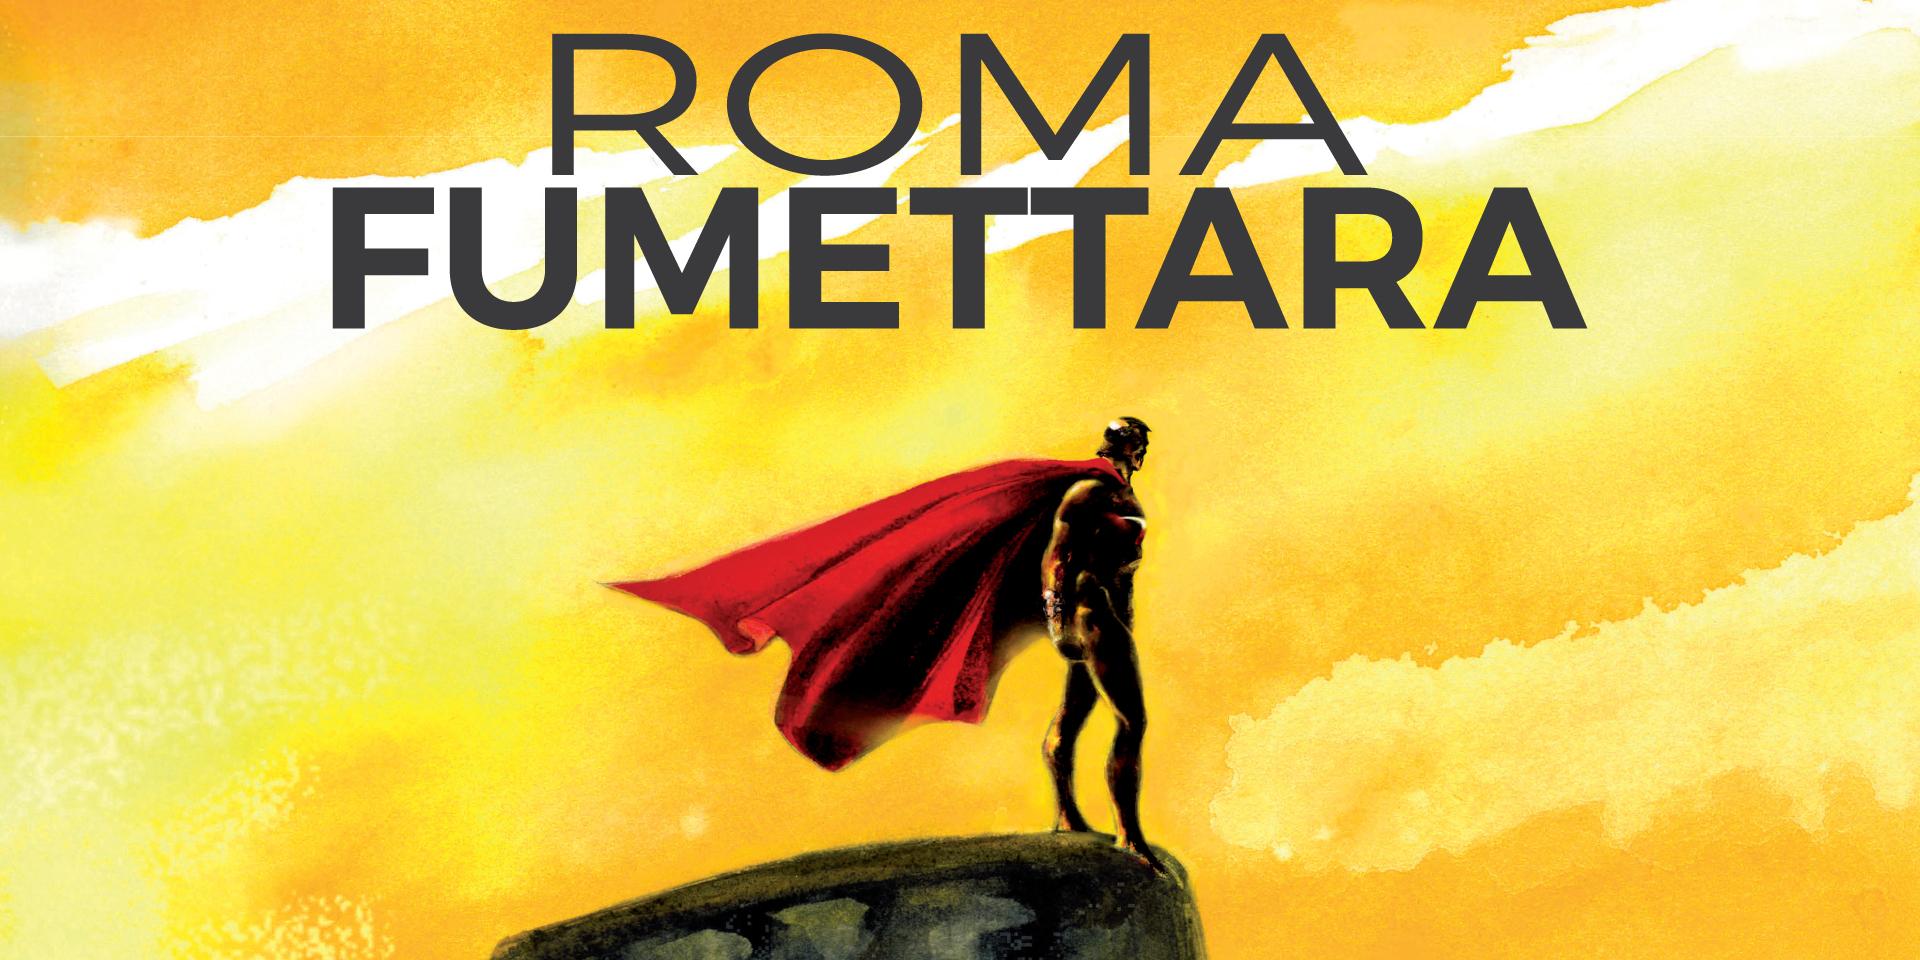 Roma fumettara